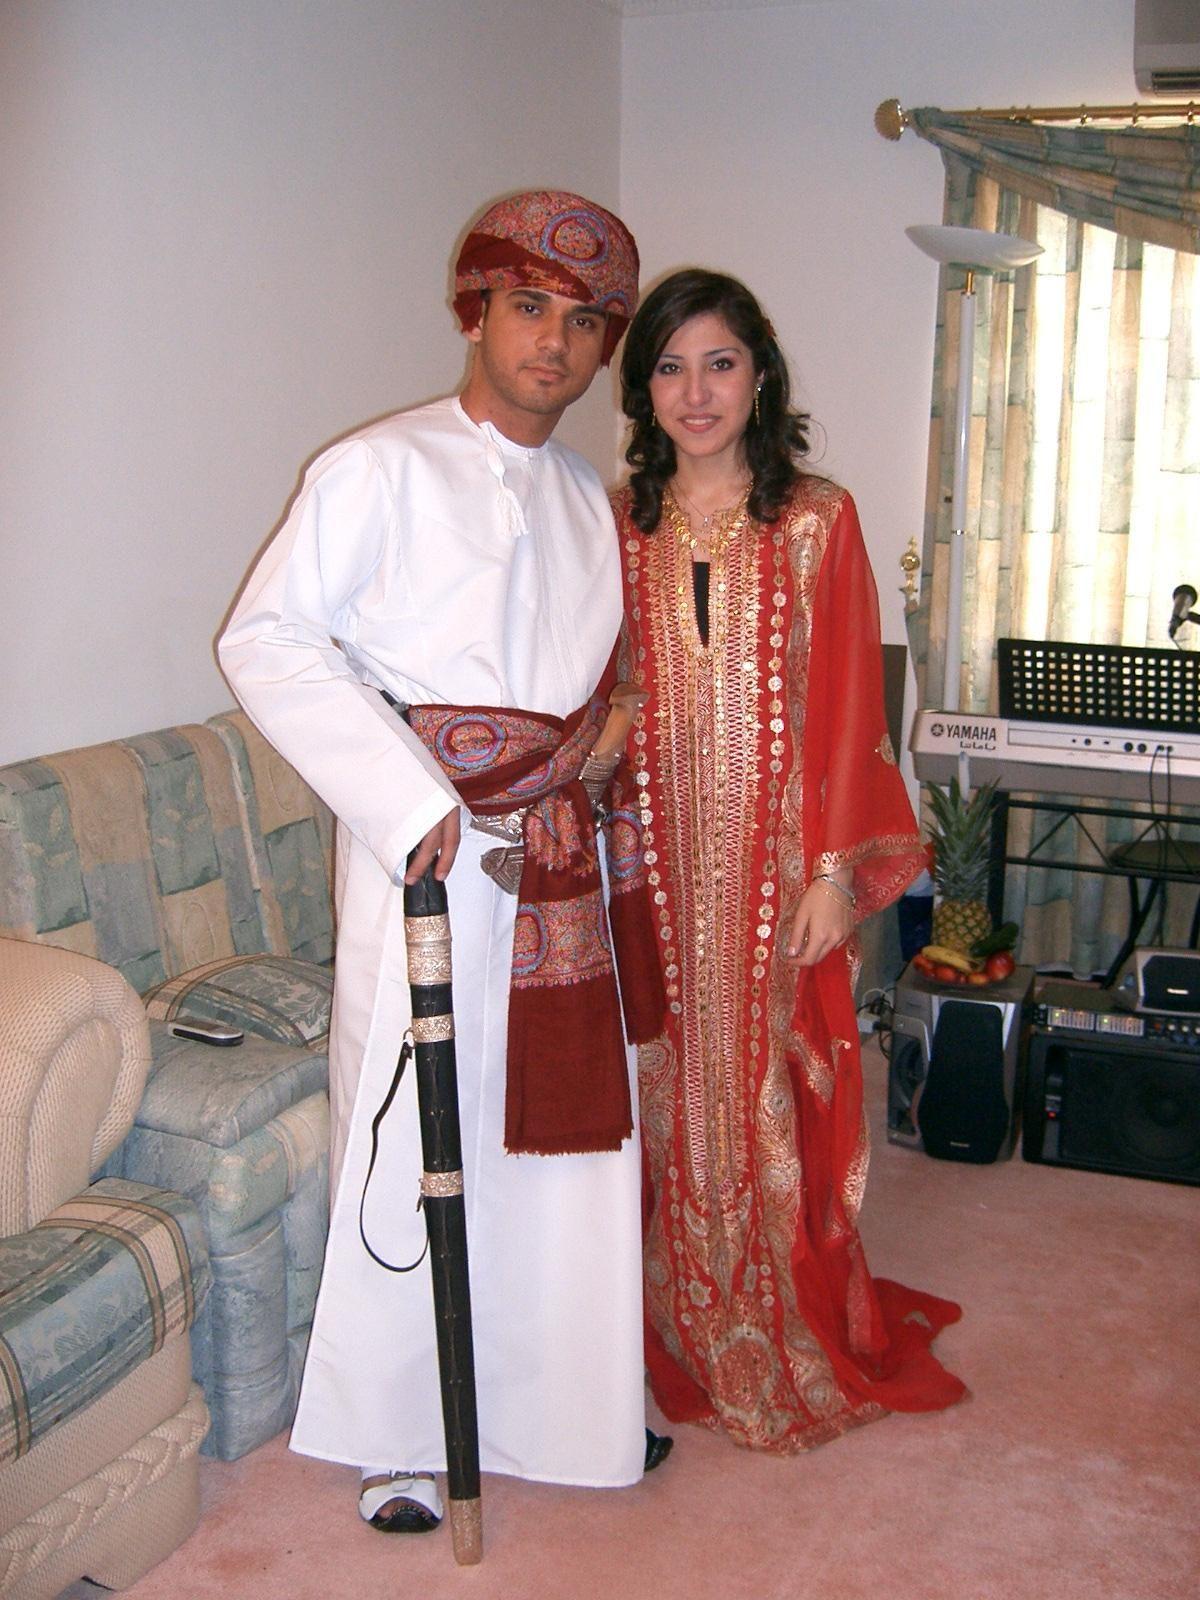 Omani wedding couple! | Omani clothing, Dresses